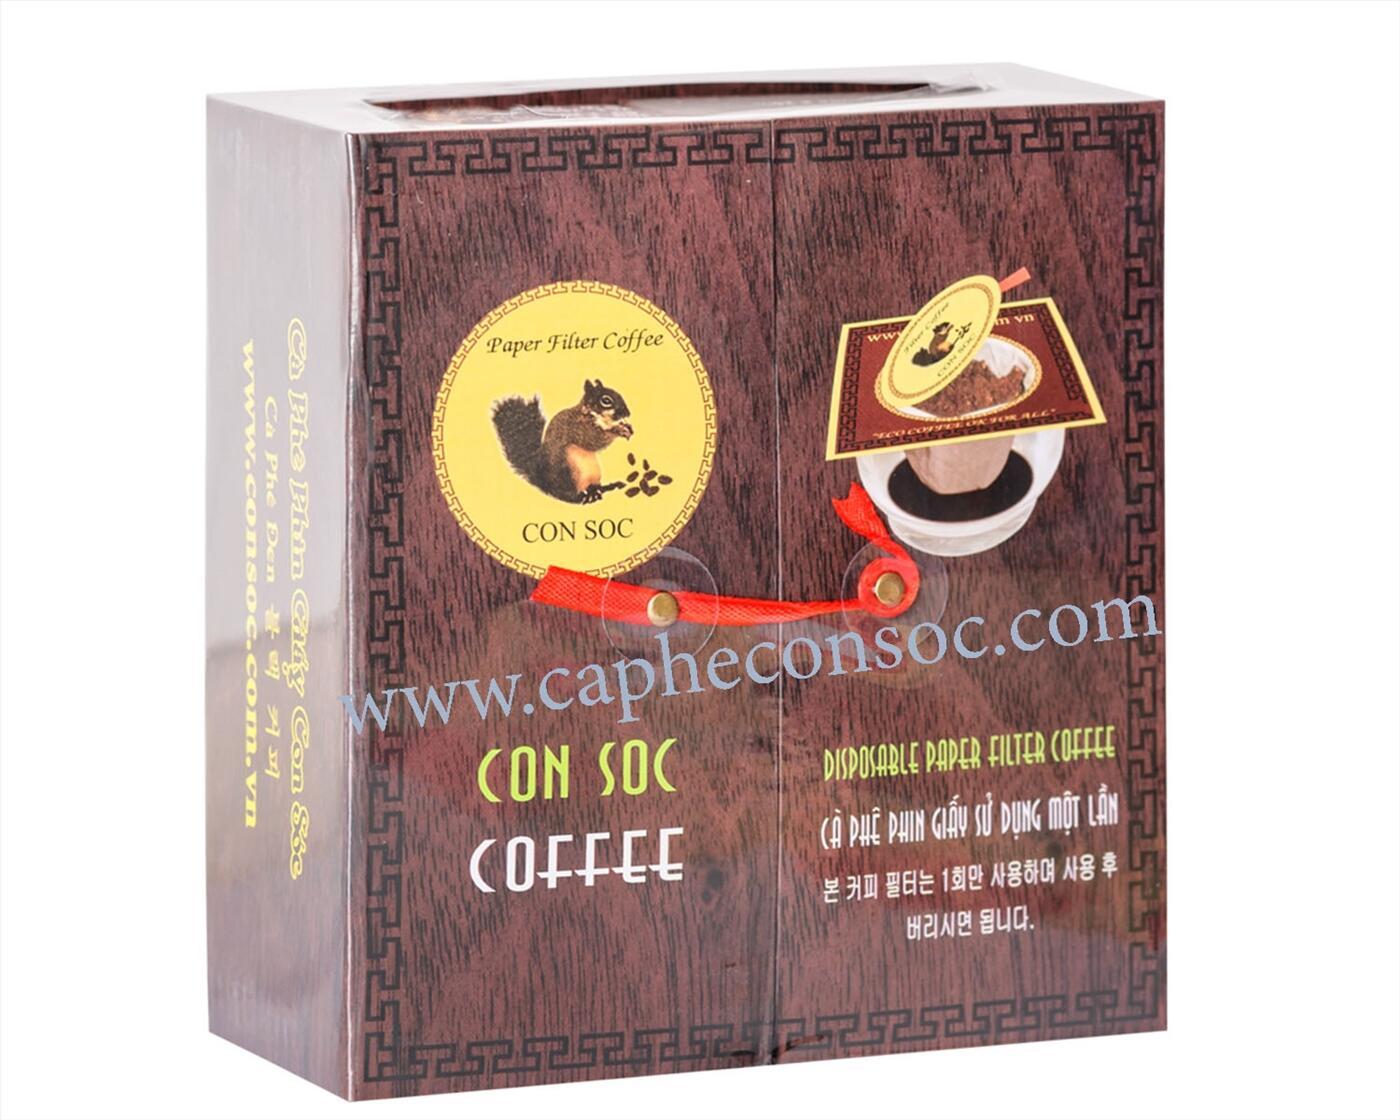 Cà phê Con Sóc phin lọc ĐÔI ĐEN